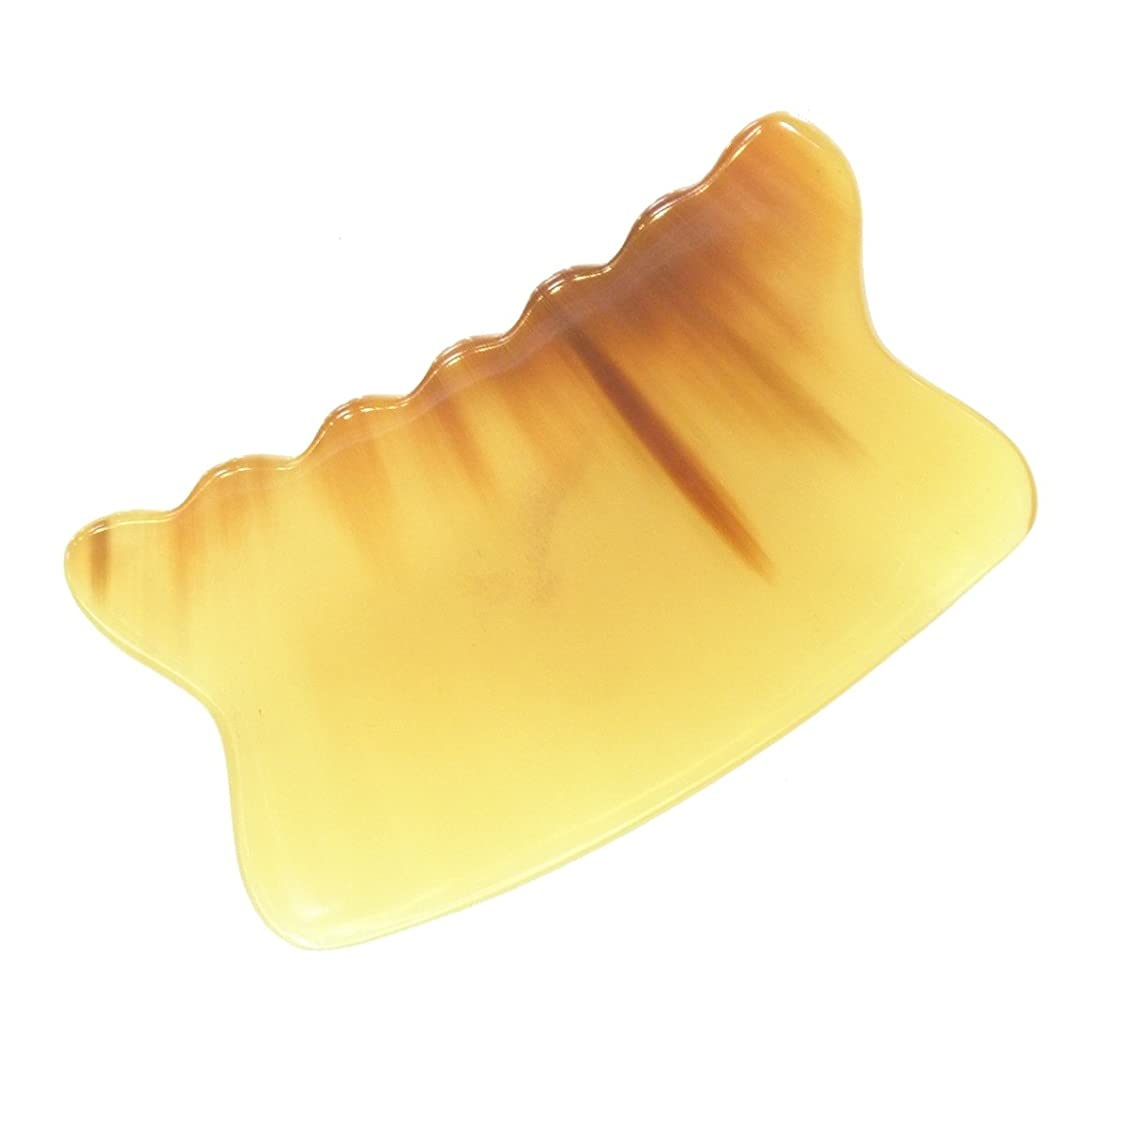 宿命セーターステートメントかっさ プレート 厚さが選べる 水牛の角(黄水牛角) EHE226SP 曲波型 特級品 厚め(6ミリ程度)